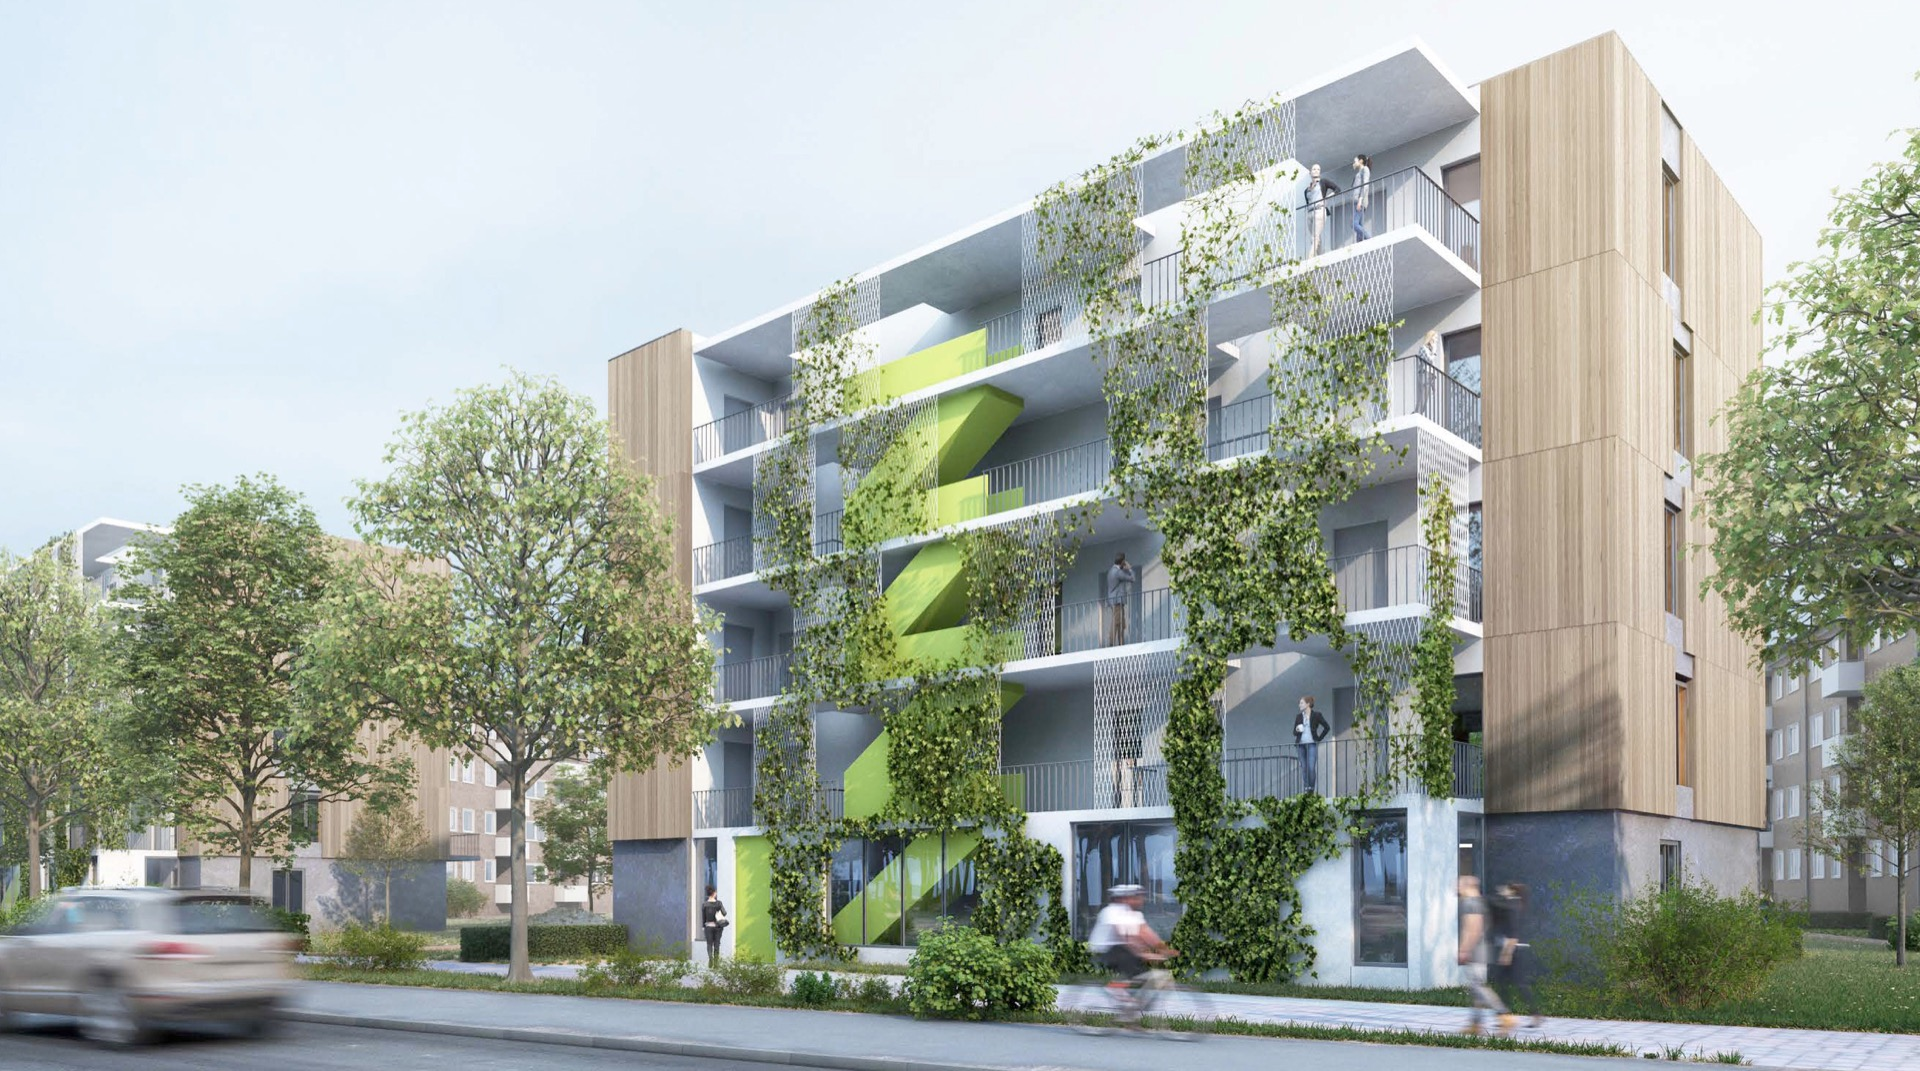 Visualisierung © btp architekten brandenburg tebarth partnerschaft mbB